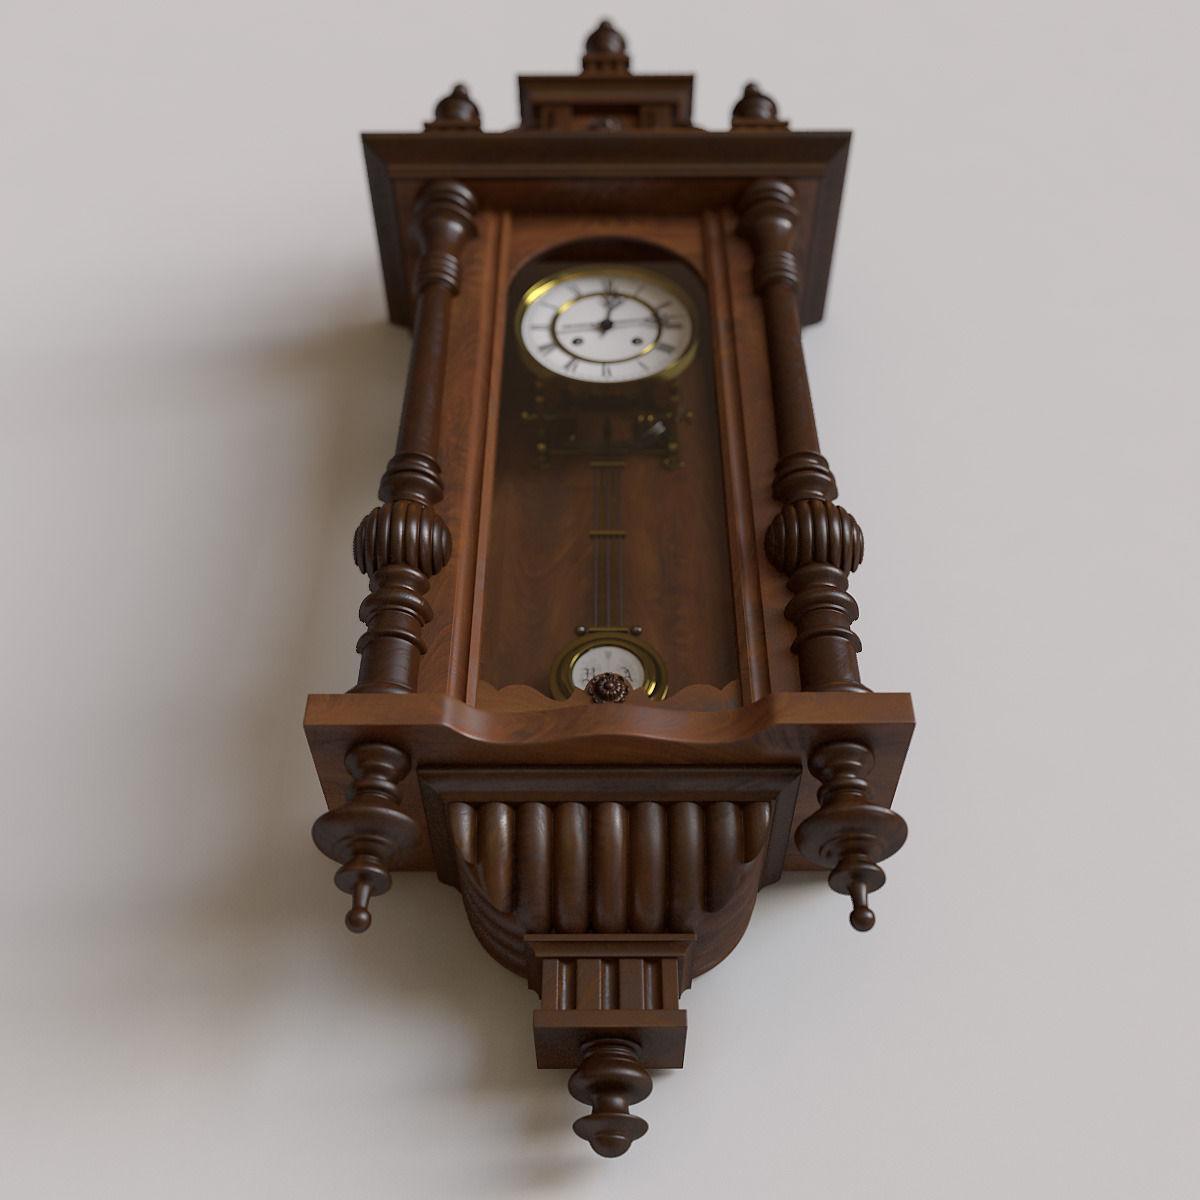 Antique Pendulum Wall Clock 3d Model Max Obj Cgtrader Com